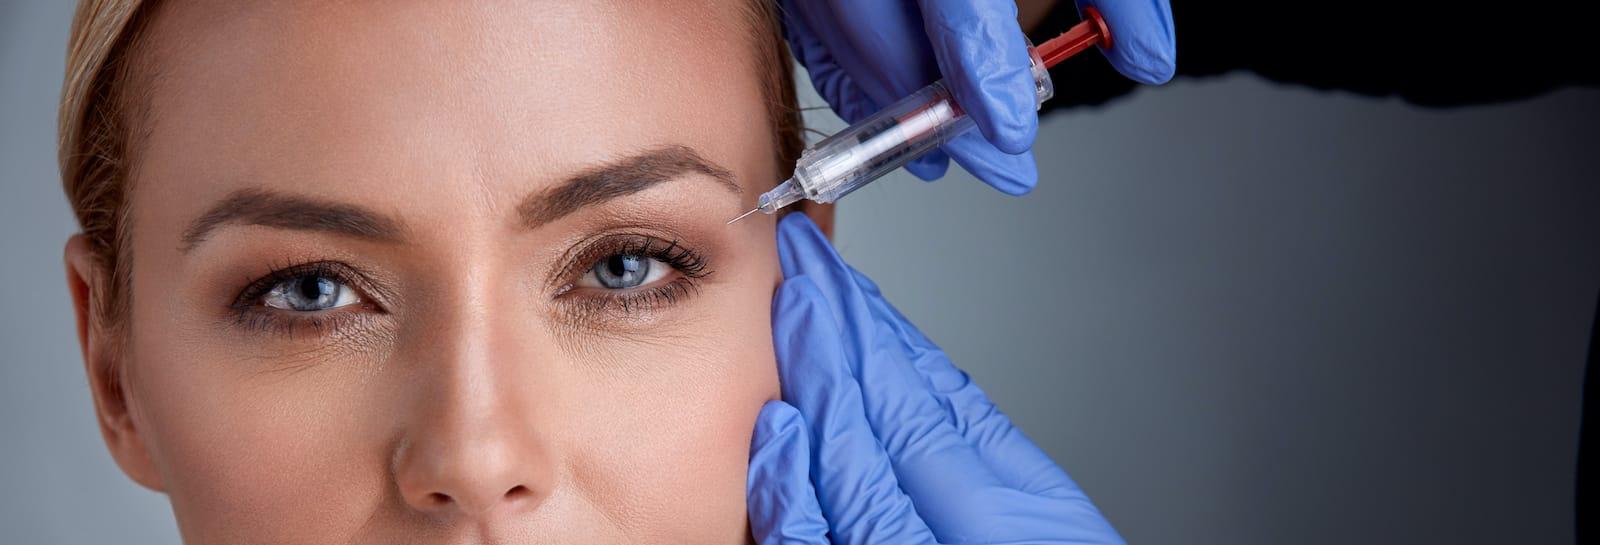 косметических инъекциях мощный увлажняющий эффект начали развиваться морщины